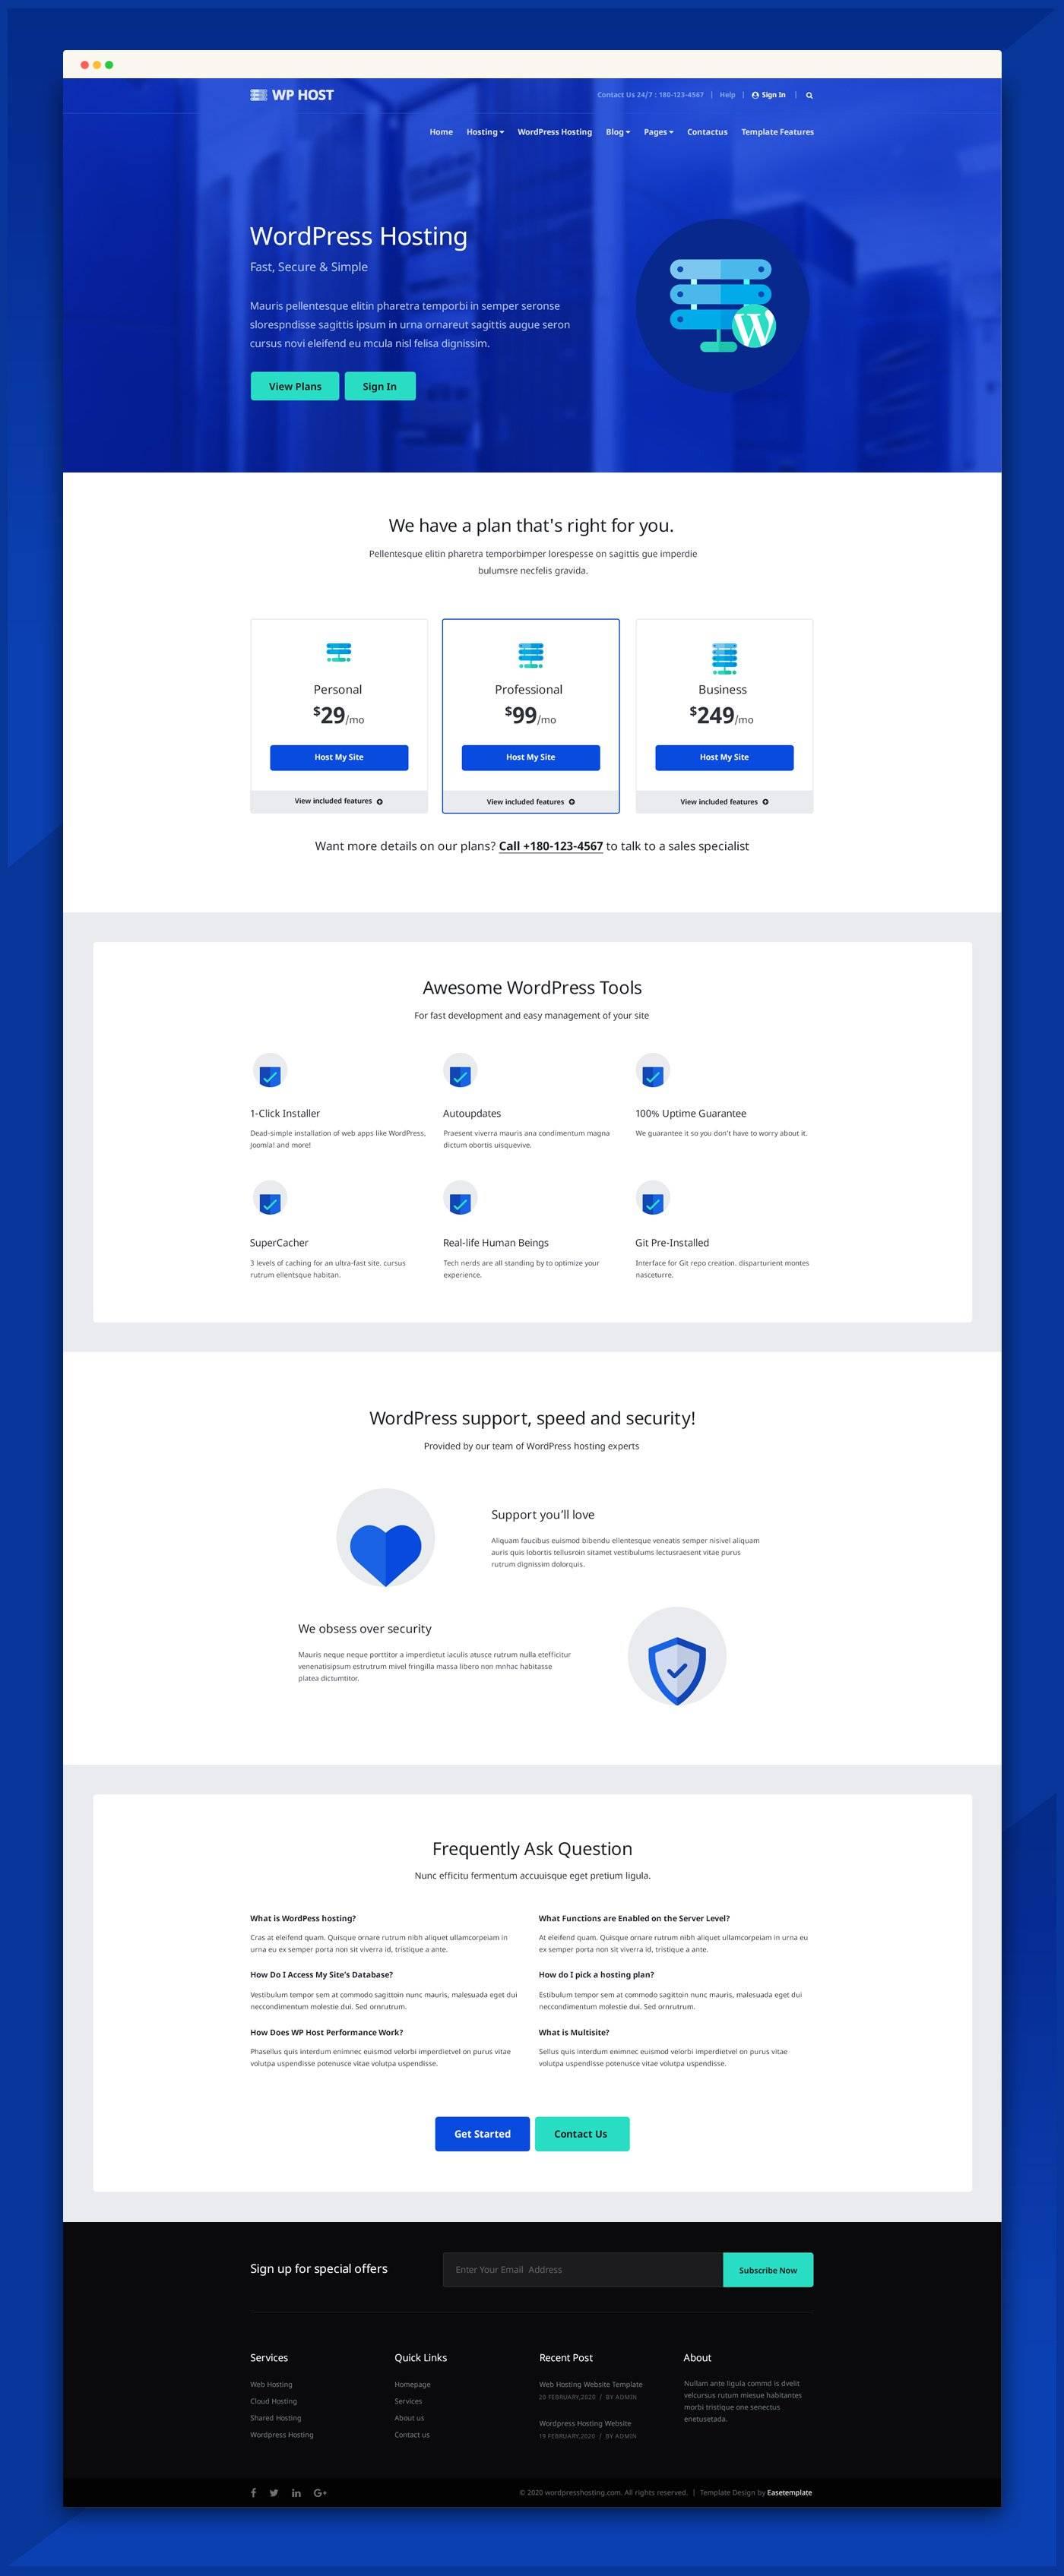 网站托管服务网站模板 psd素材下载